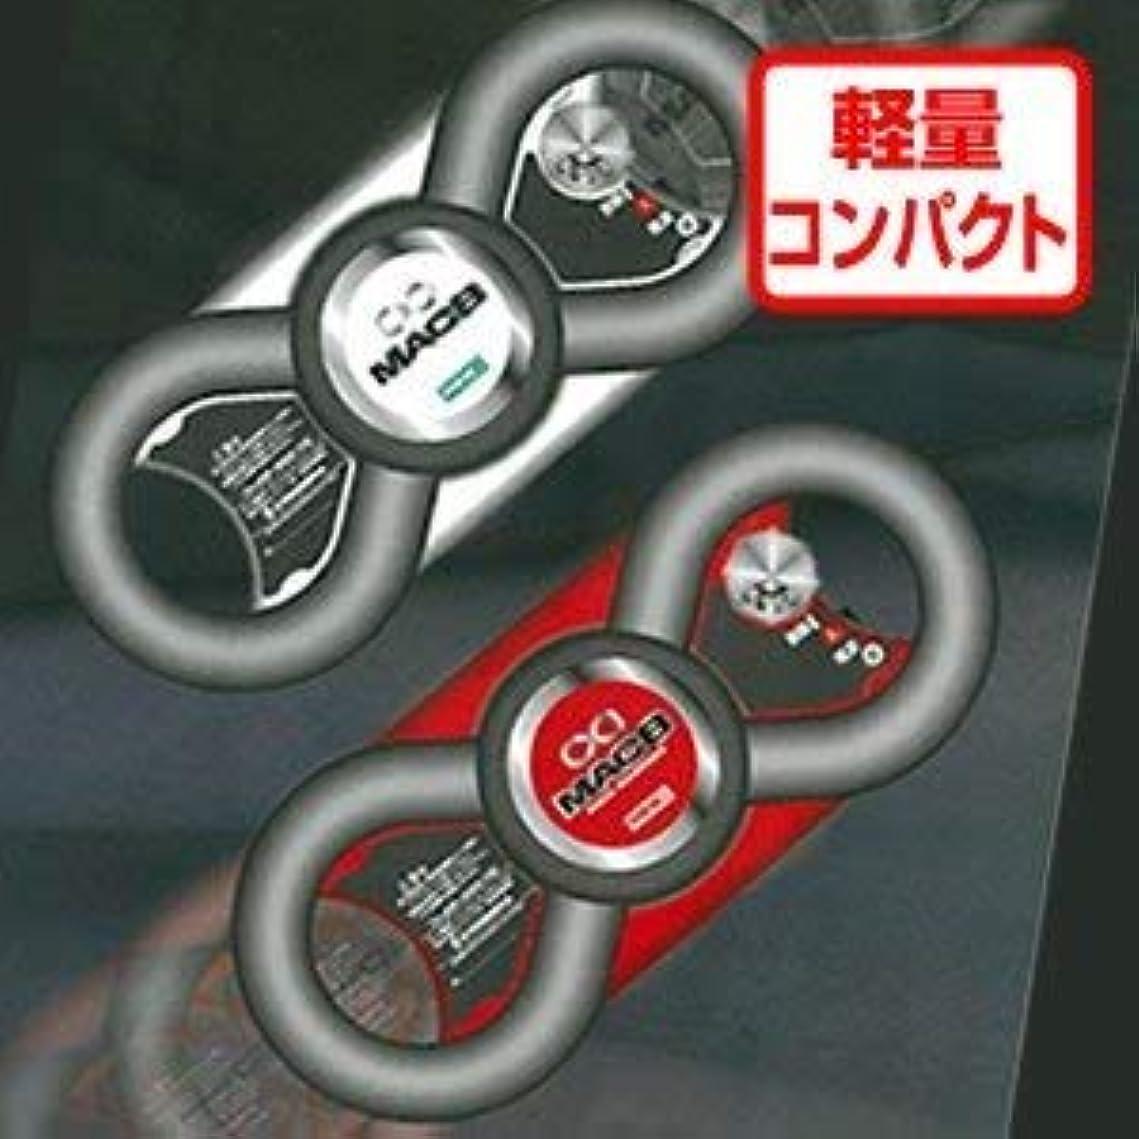 オークション自動的に福祉リビックマッサージャーMAC8 ハンディーマッサージャー (赤マック(赤色))